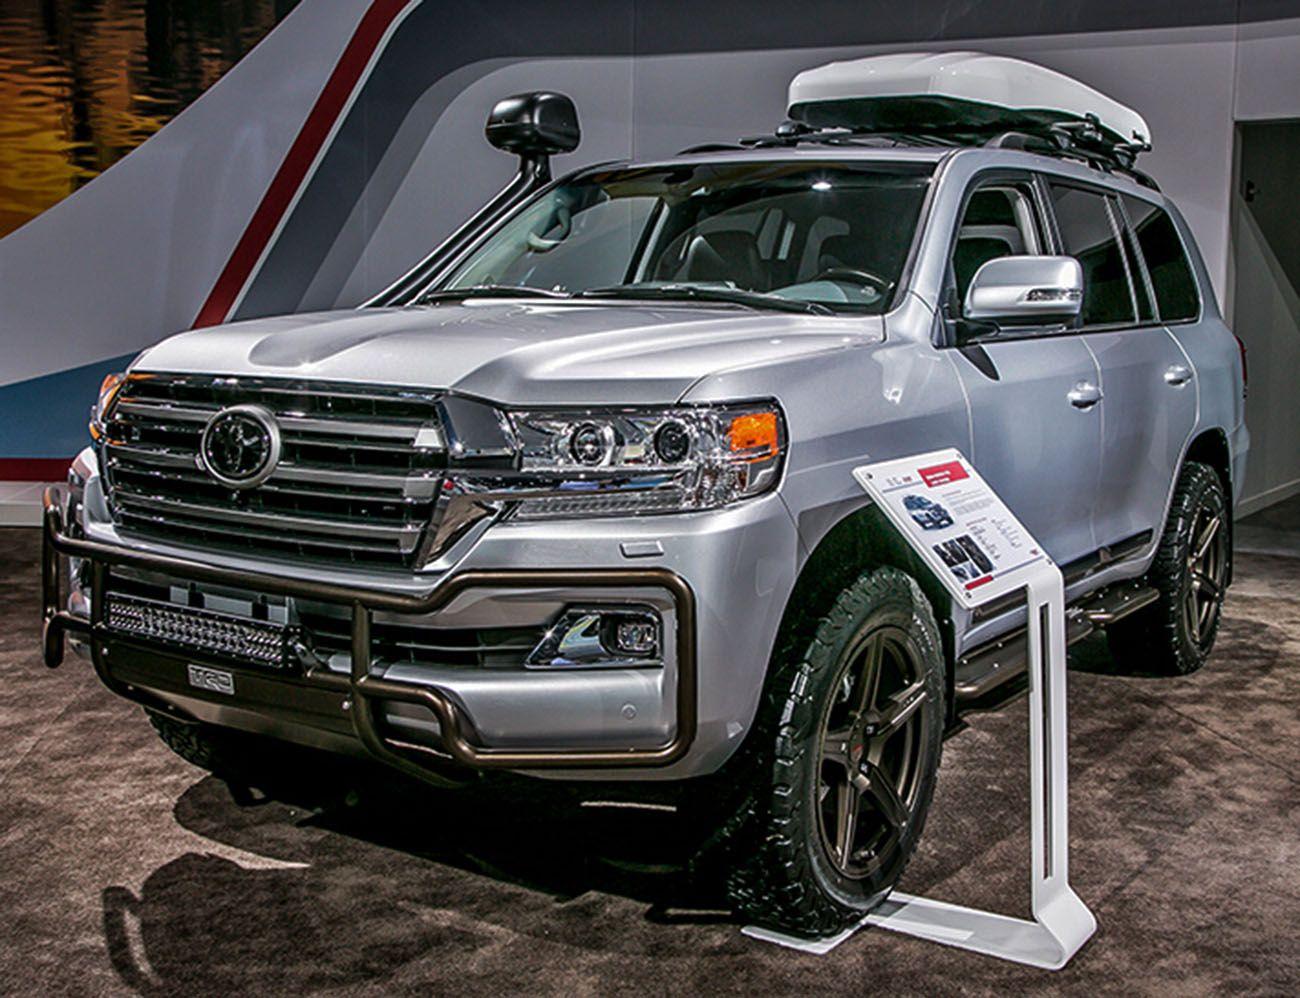 تويوتا لاندكروزر النجاح المستمر والجودة الفائقة موقع ويلز Land Cruiser Automotive Toyota